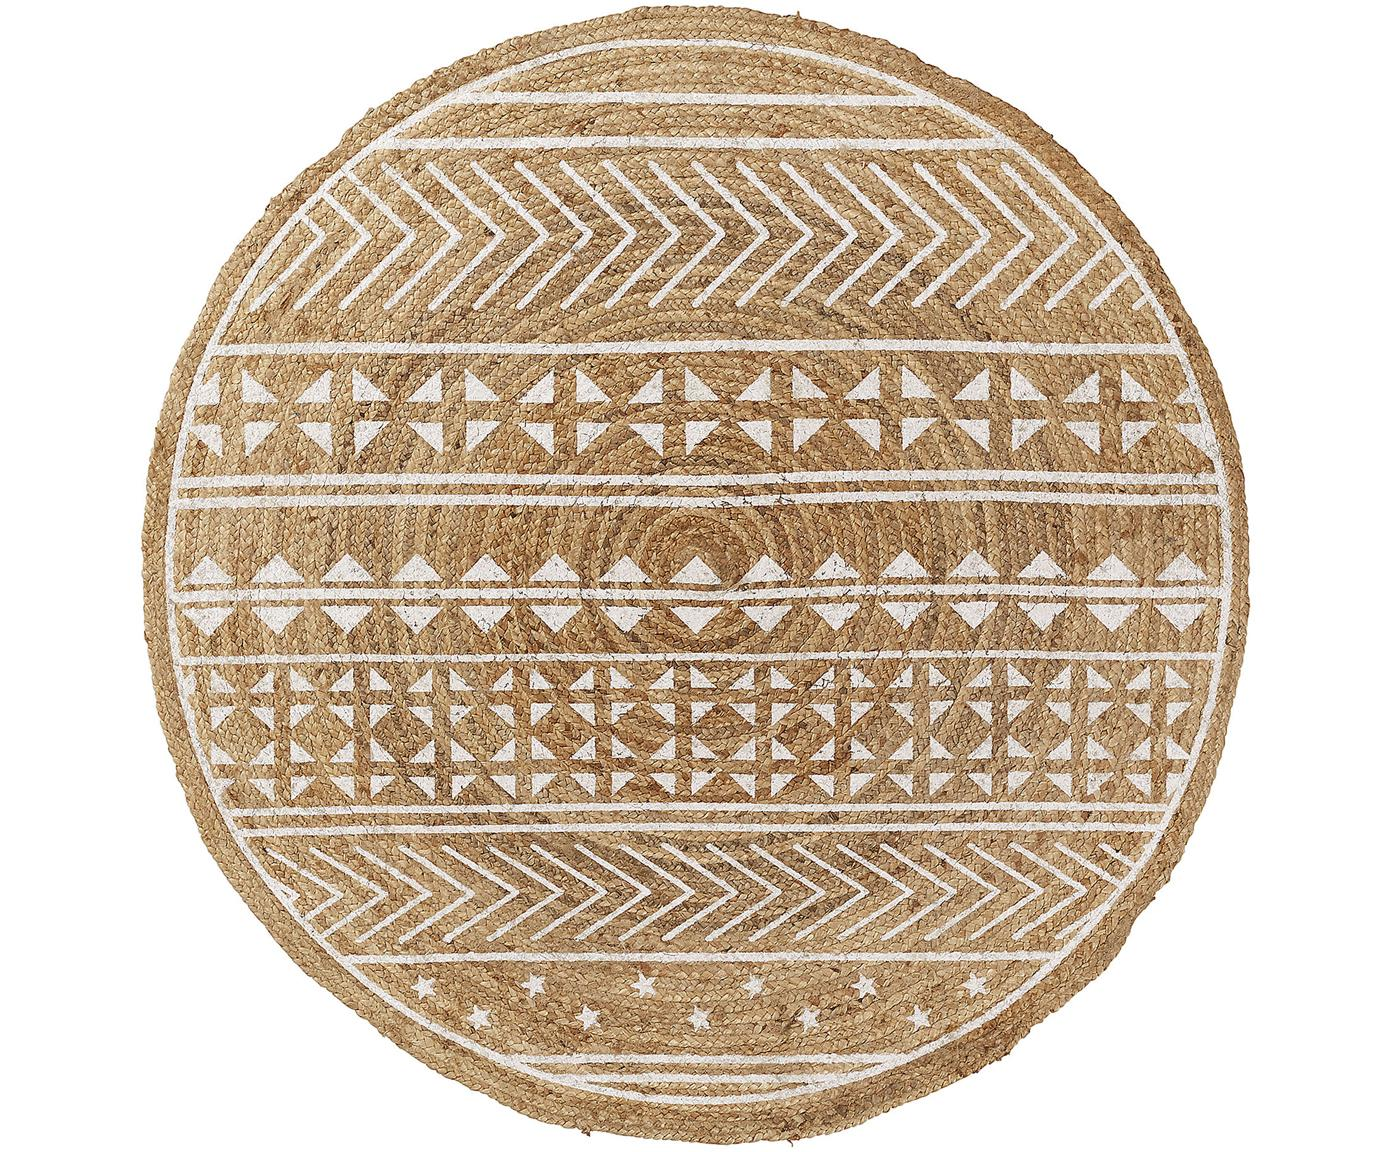 Runder Teppich Cecile mit weissem Ethno Print, Naturfaser, Beige, Weiss, Ø 100 cm (Grösse XS)